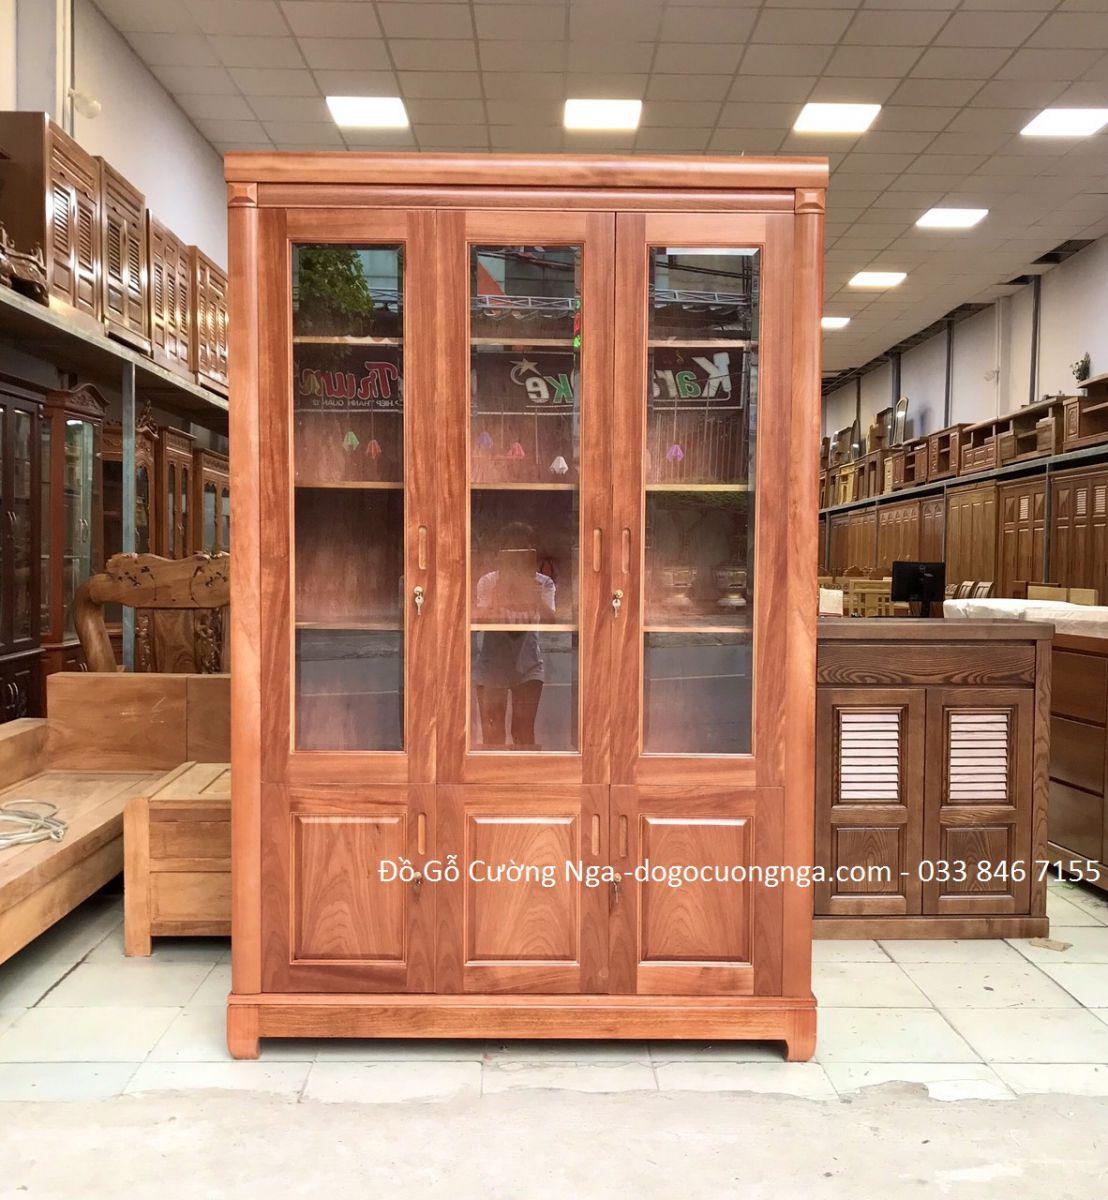 tủ sách - tủ hồ sơ gỗ xoan đào 1m4